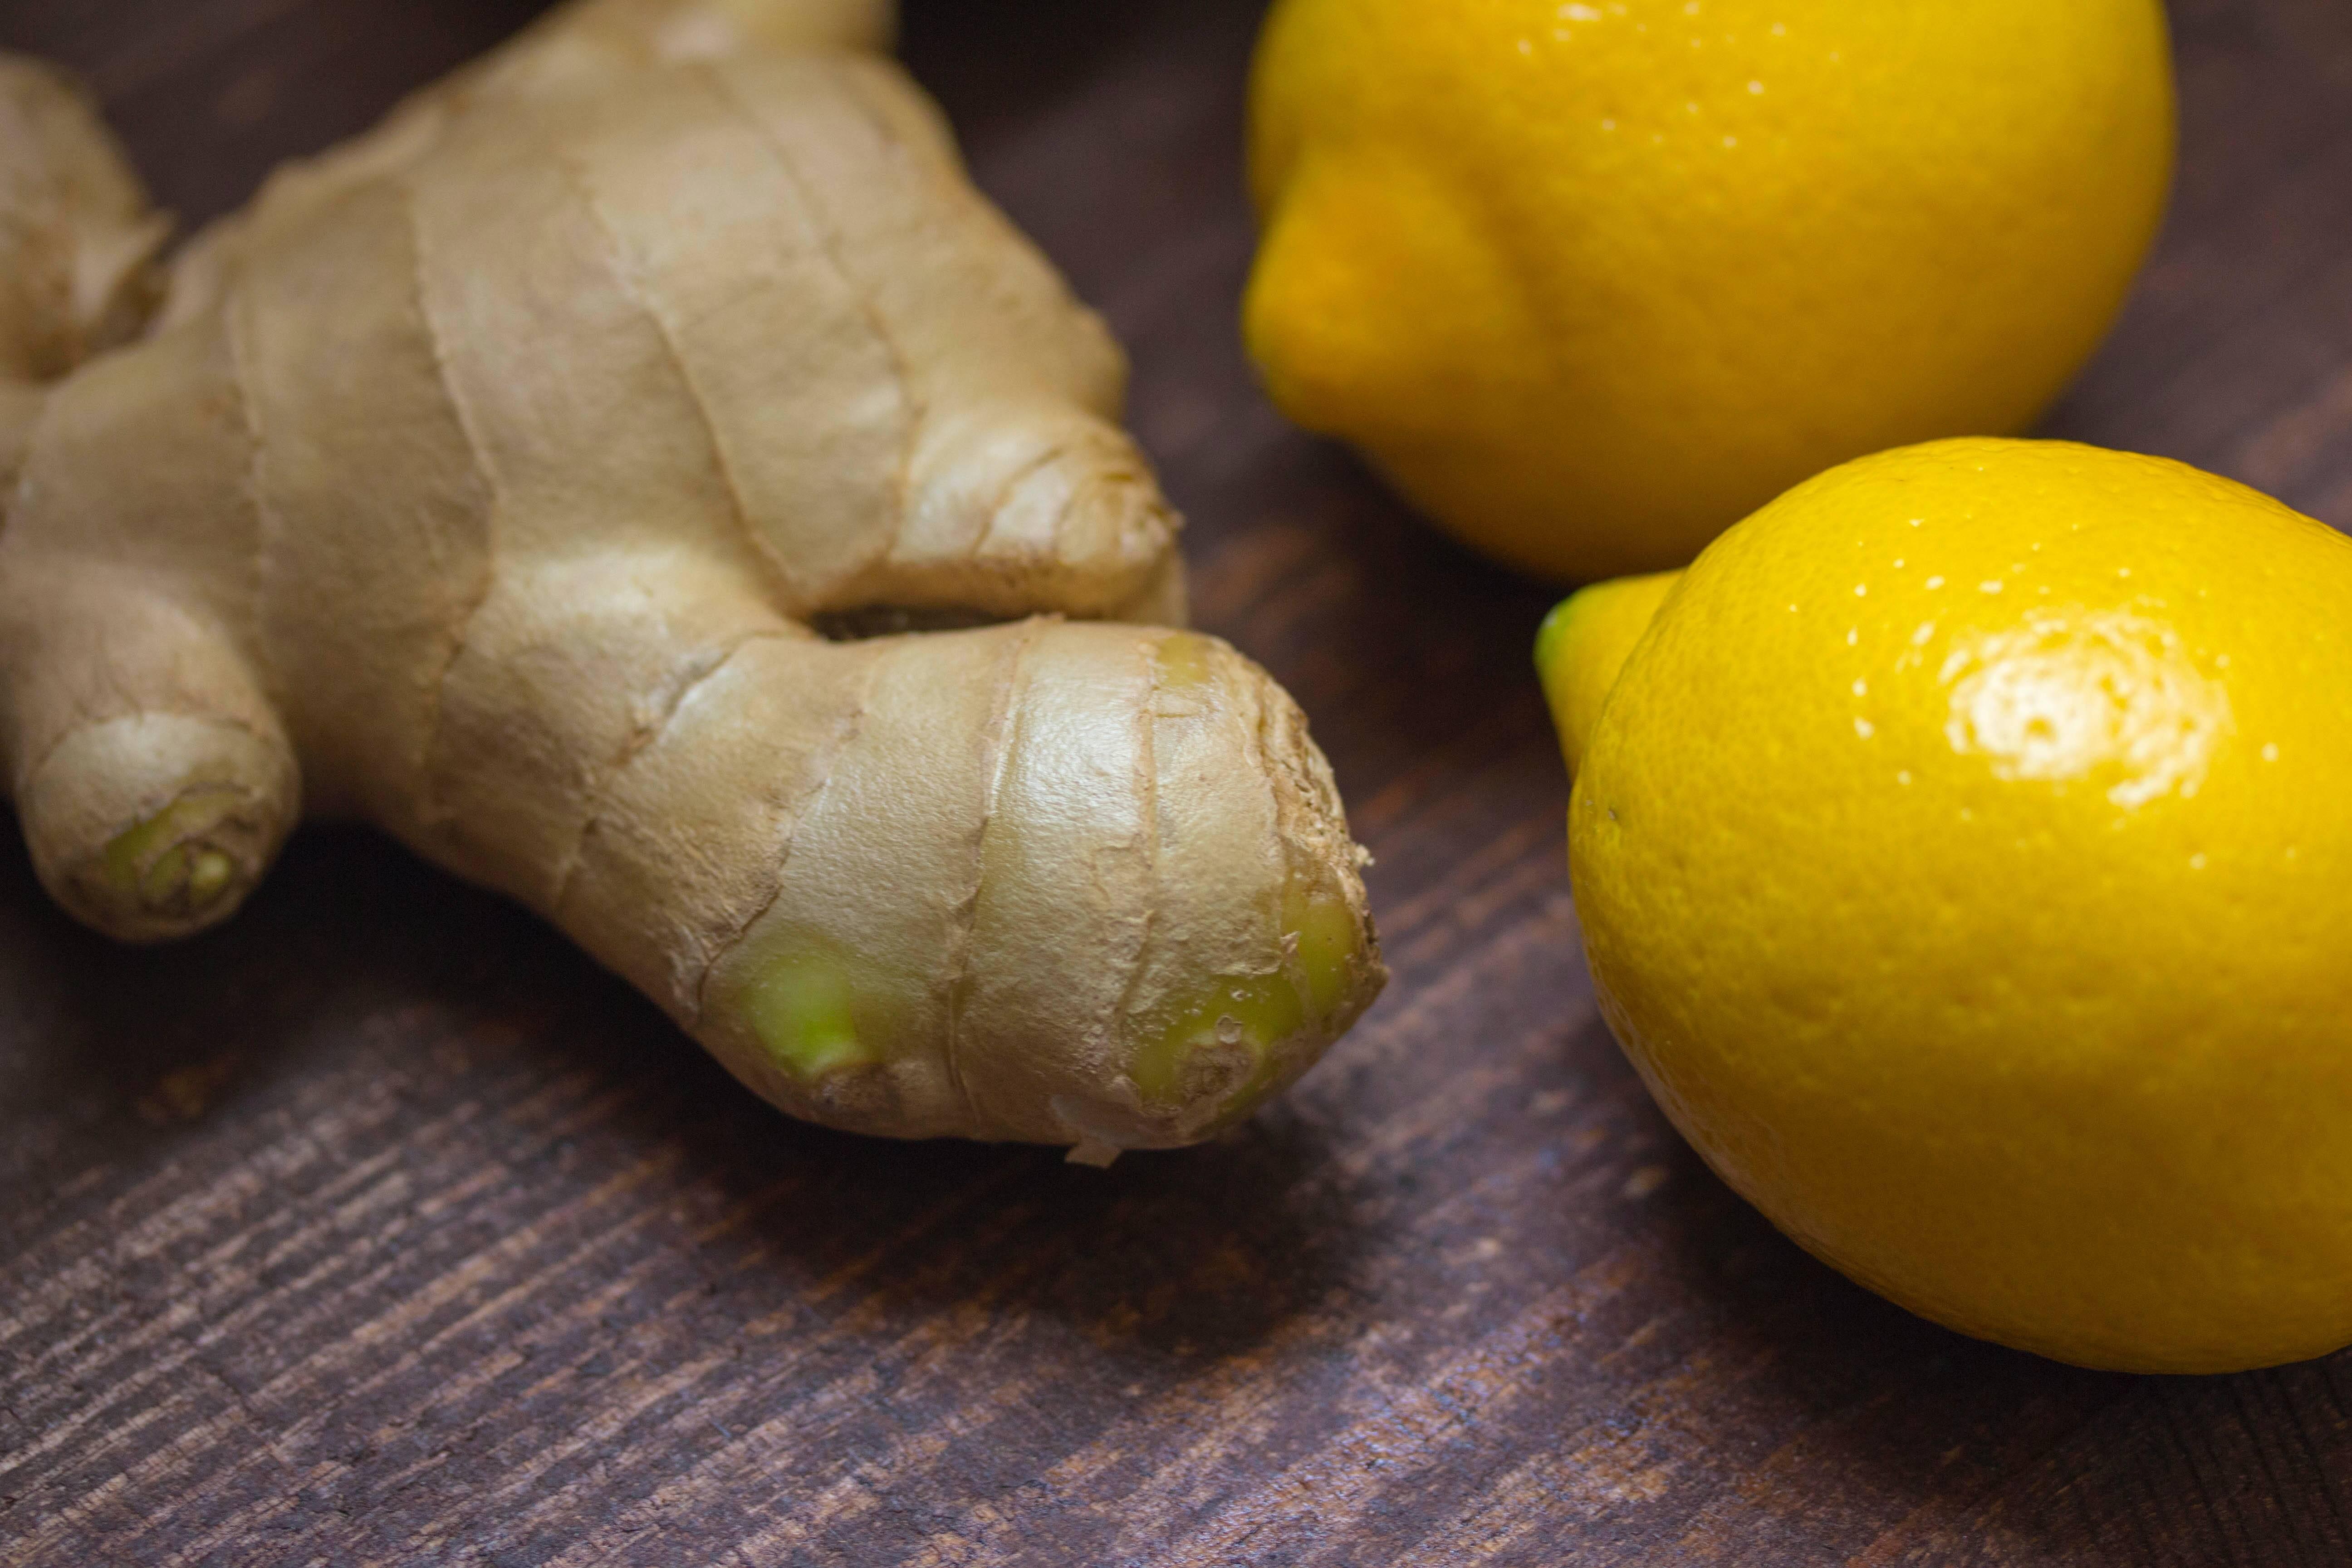 Gengibre - Pode ser ingerida na forma de chá, adicionada aos alimentos ou combinada com sucos, essa raiz ajuda a eliminar as toxinas do estômago e traz benefícios como antioxidante. (Foto: Pexels)